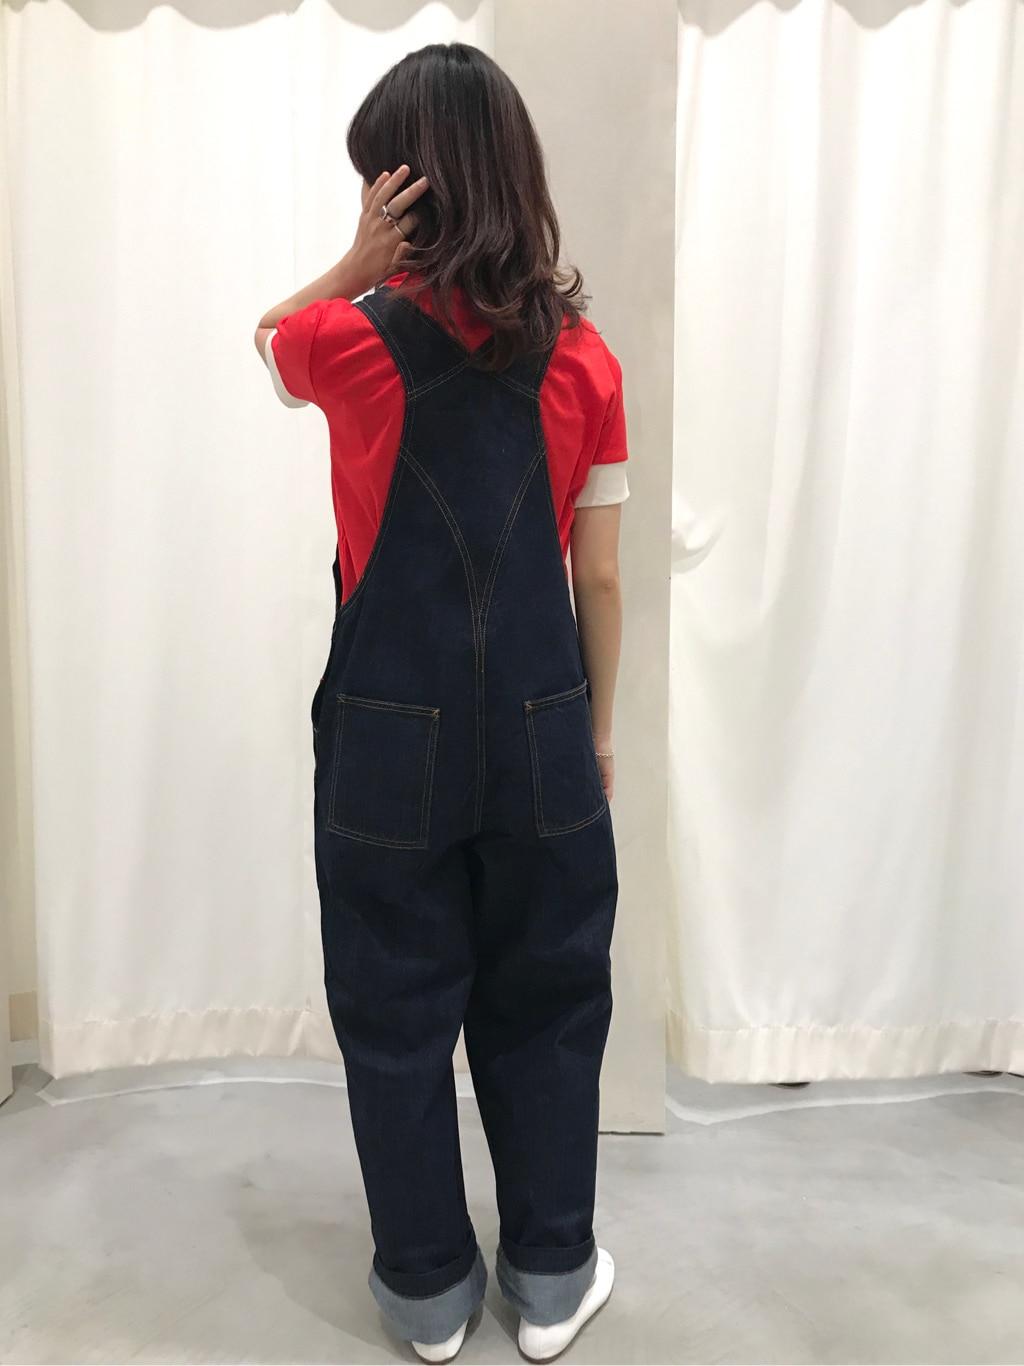 AMB SHOP PAR ICI CHILD WOMAN,PAR ICI ルミネ横浜 身長:154cm 2020.06.01